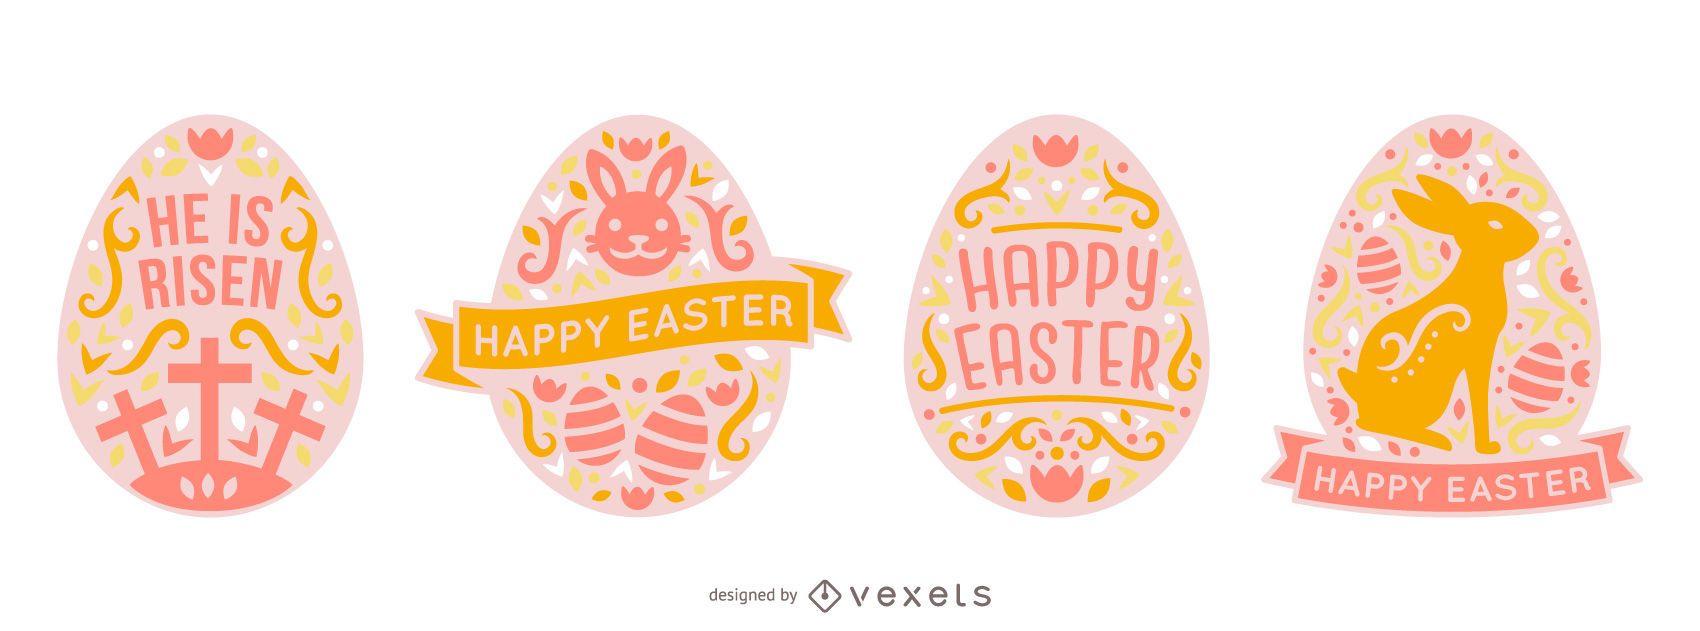 Scandinavian Style Easter Egg Pack